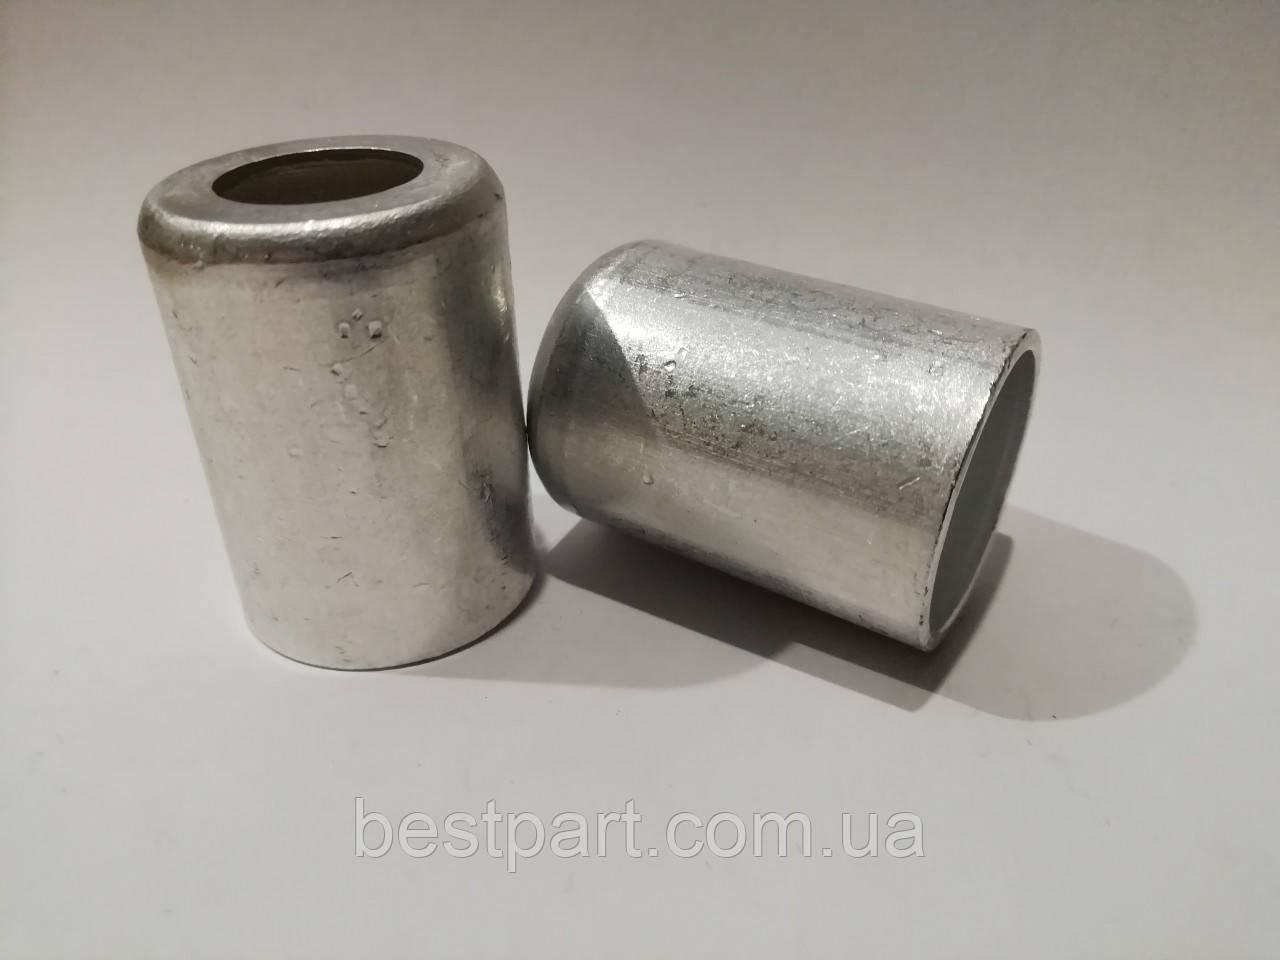 Стакан фітінга №6 алюміній (тонкостінний)